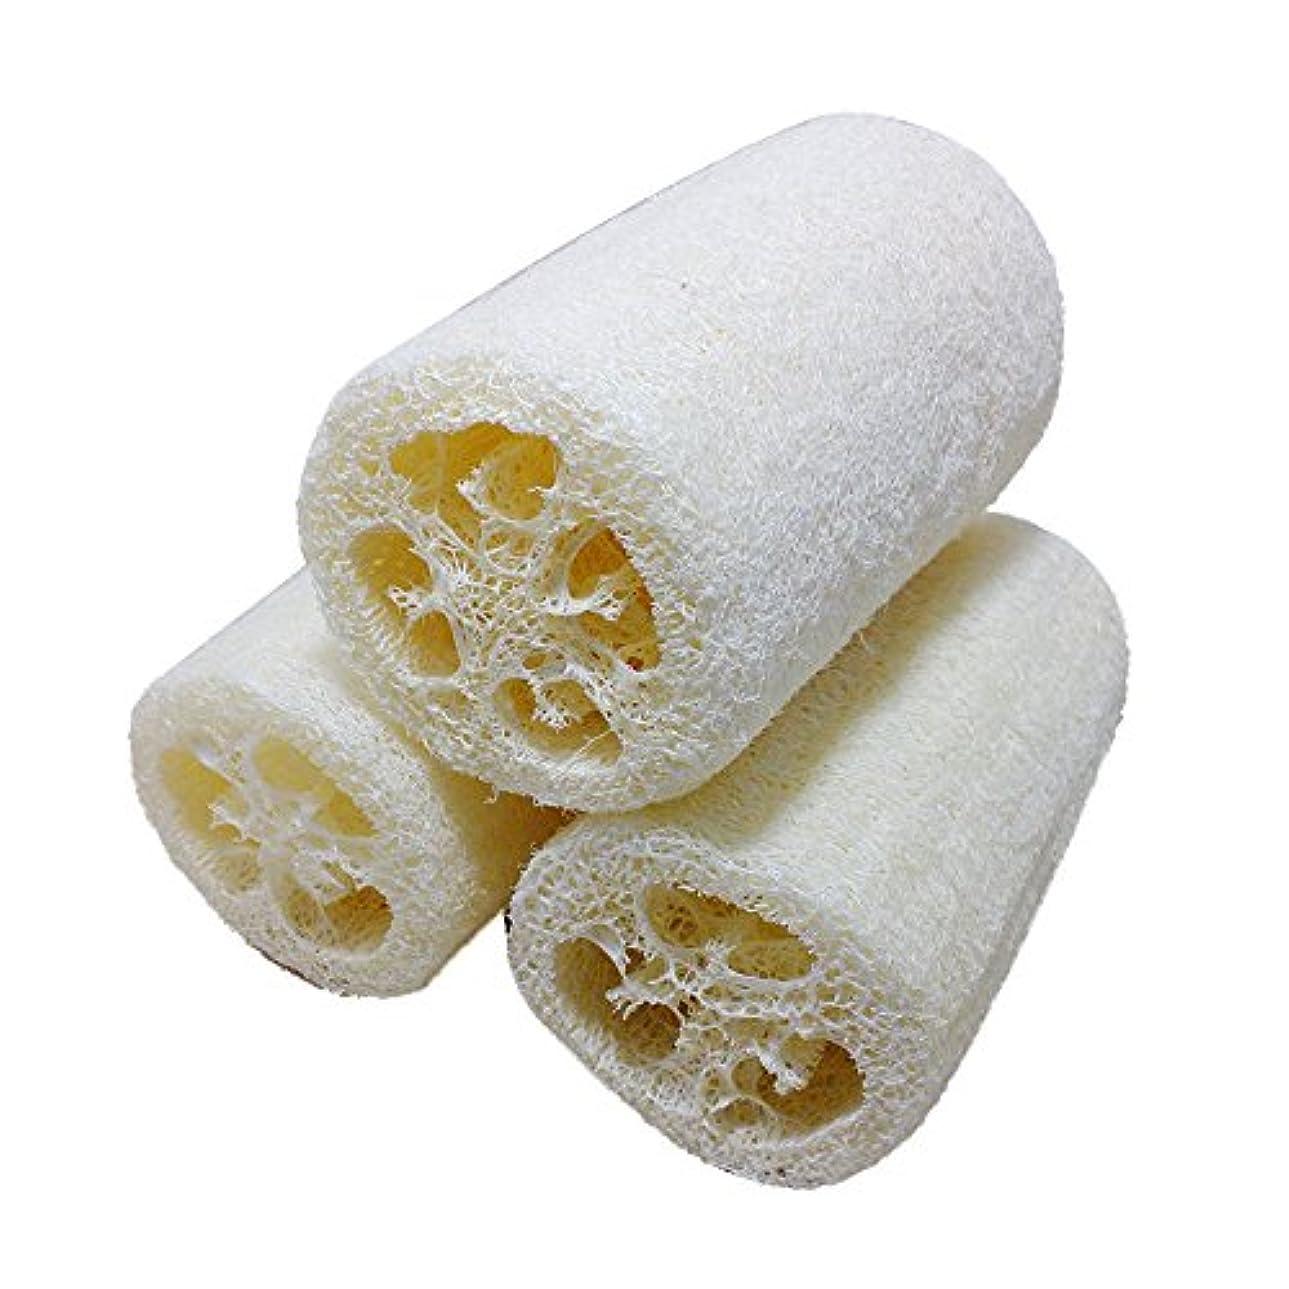 織る不利リブ天然ヘチマ ボディスポンジ シャワースポンジ ボディブラシ シャワーブラシ 入浴 風呂スポンジ 角質海綿 全身美容 新陳代謝を促進 角質除去 マッサージ SPA ルーファ ボディウォッシュボール (3pc)